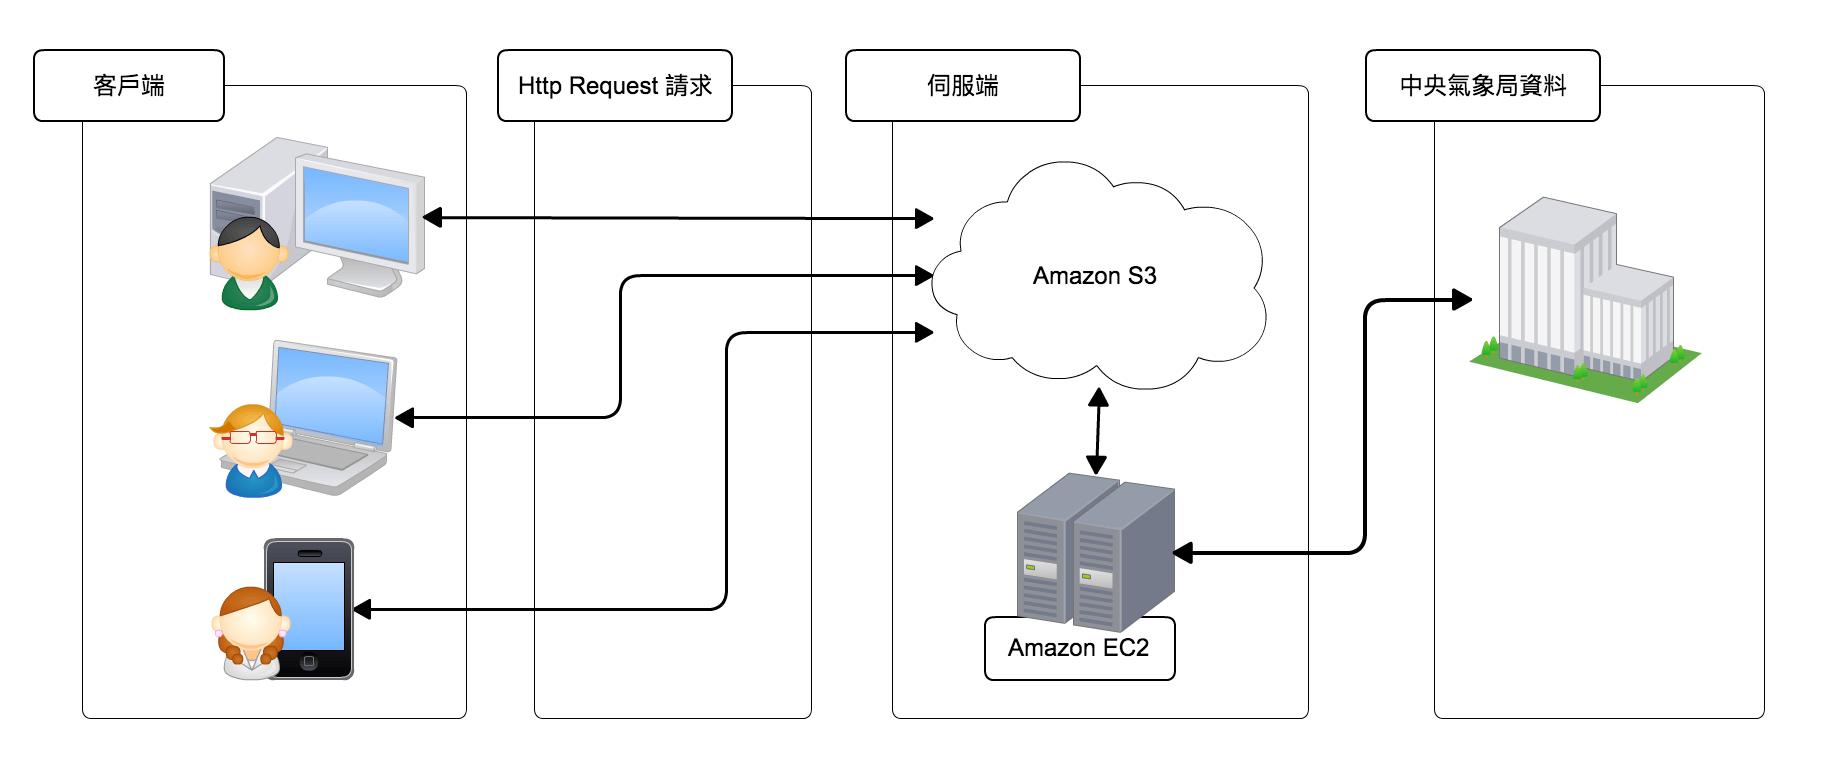 因為 Amazon S3 安全、耐久、可高度擴展的雲端儲存特性,於是將架構調整成以 S3 為主 EC2 為輔的架構,以減緩 EC2 伺服器的負擔